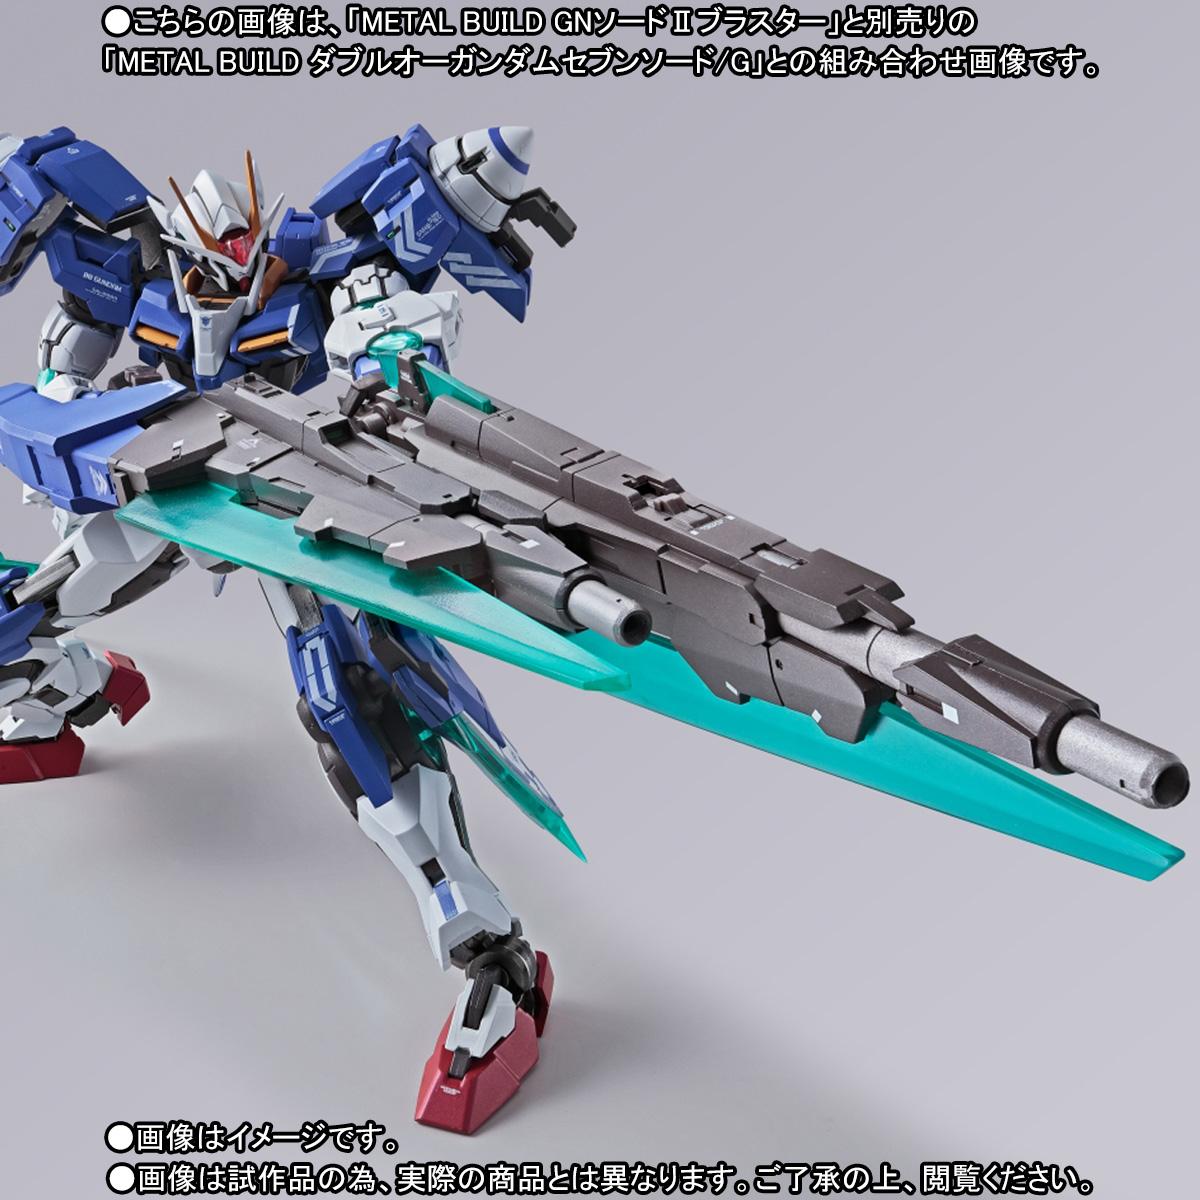 MB gn swordII blaster